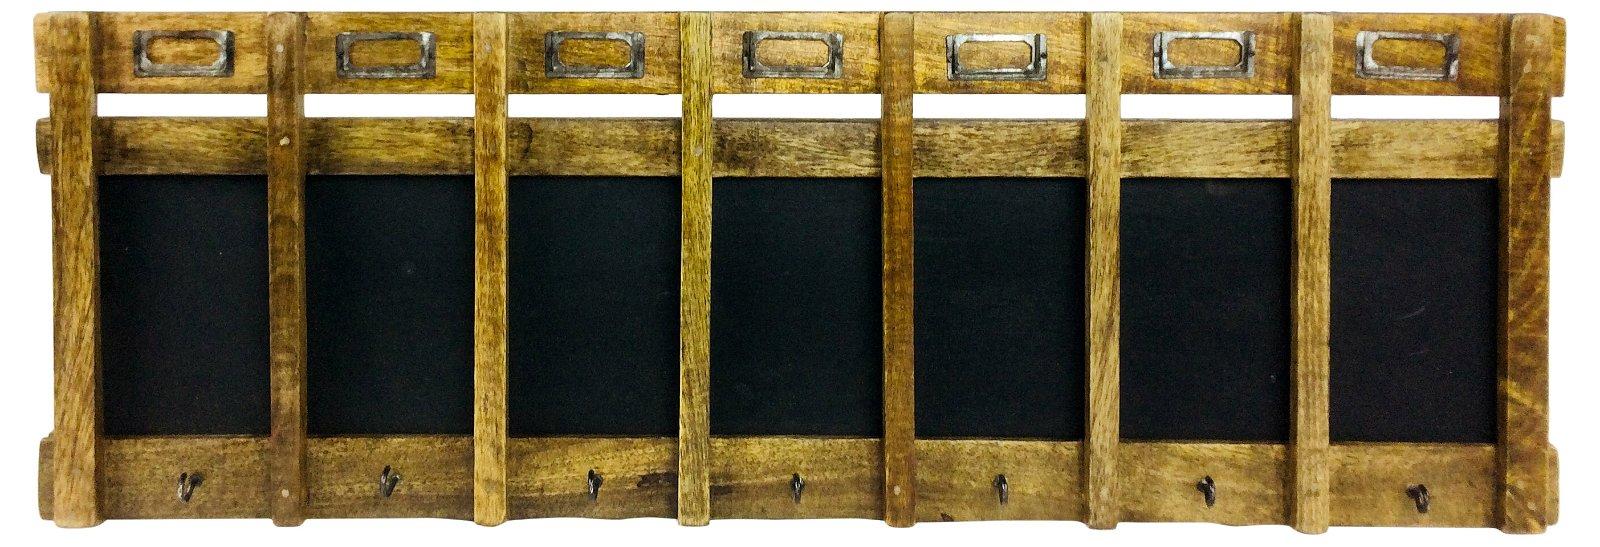 Weekly Blackboard with Seven Hooks